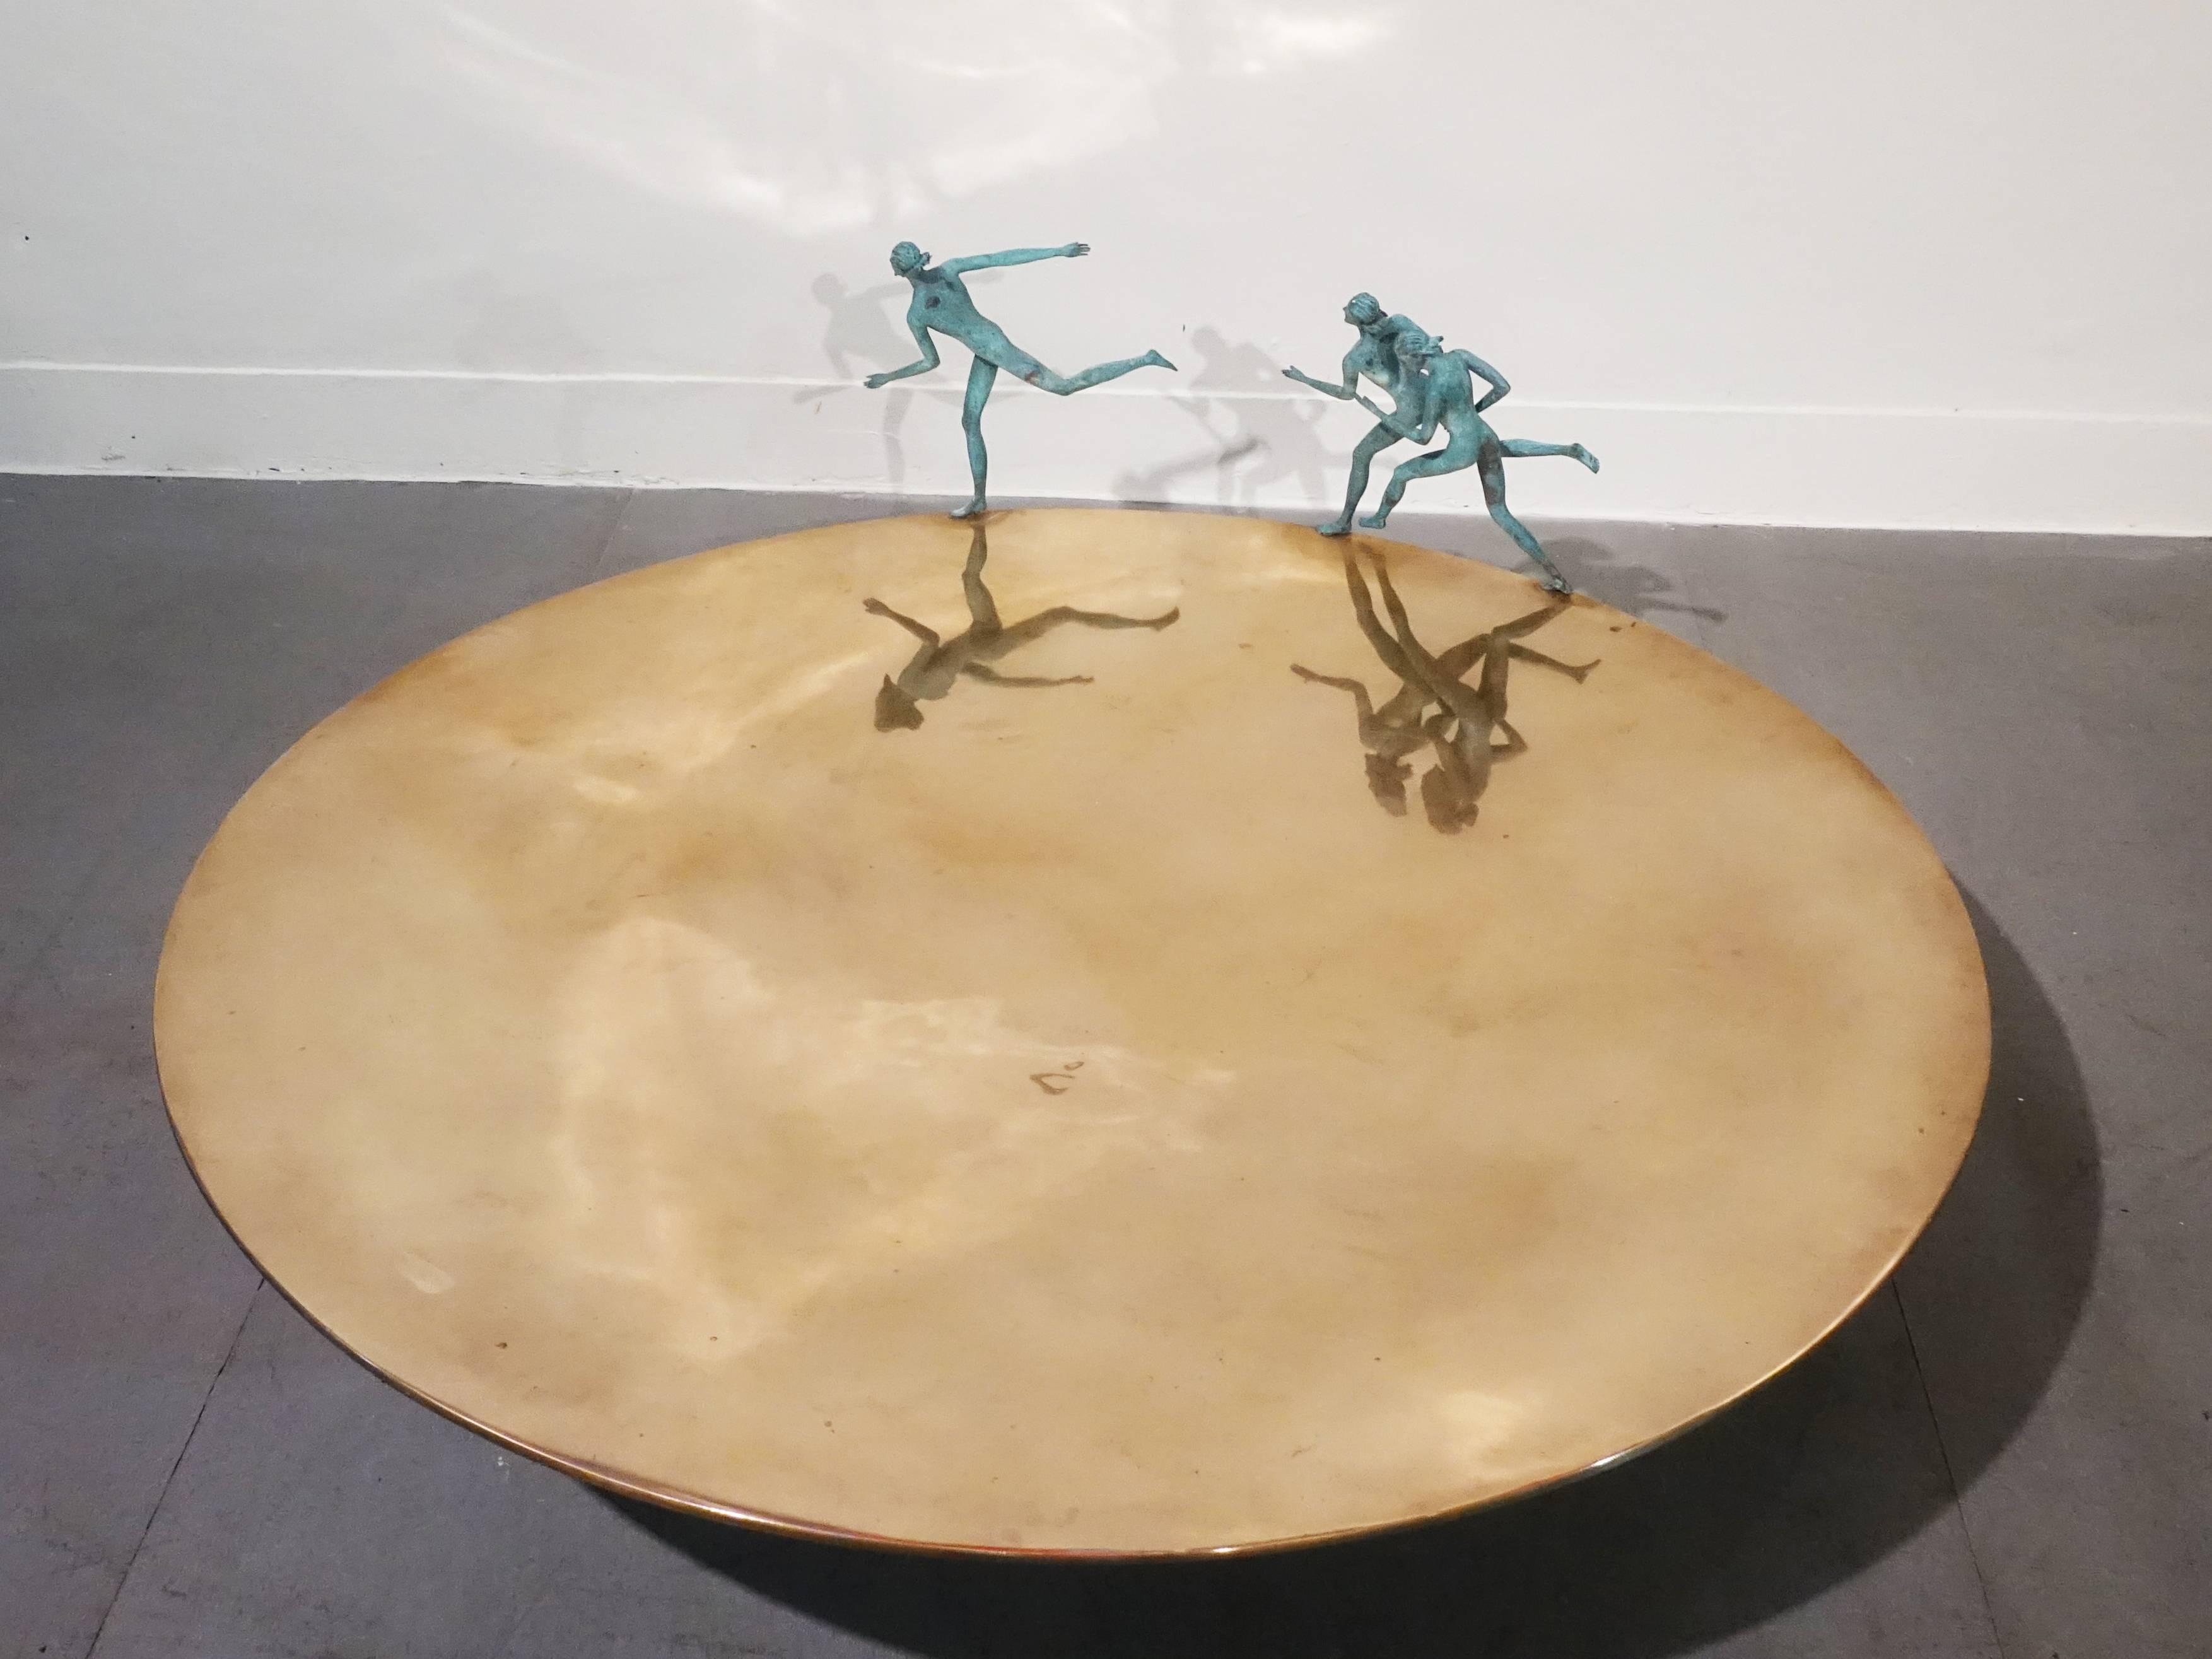 艾曼紐.瑞奇,《Oro 金色歐環》,34 x 100 x 100 cm ,銅,2011。